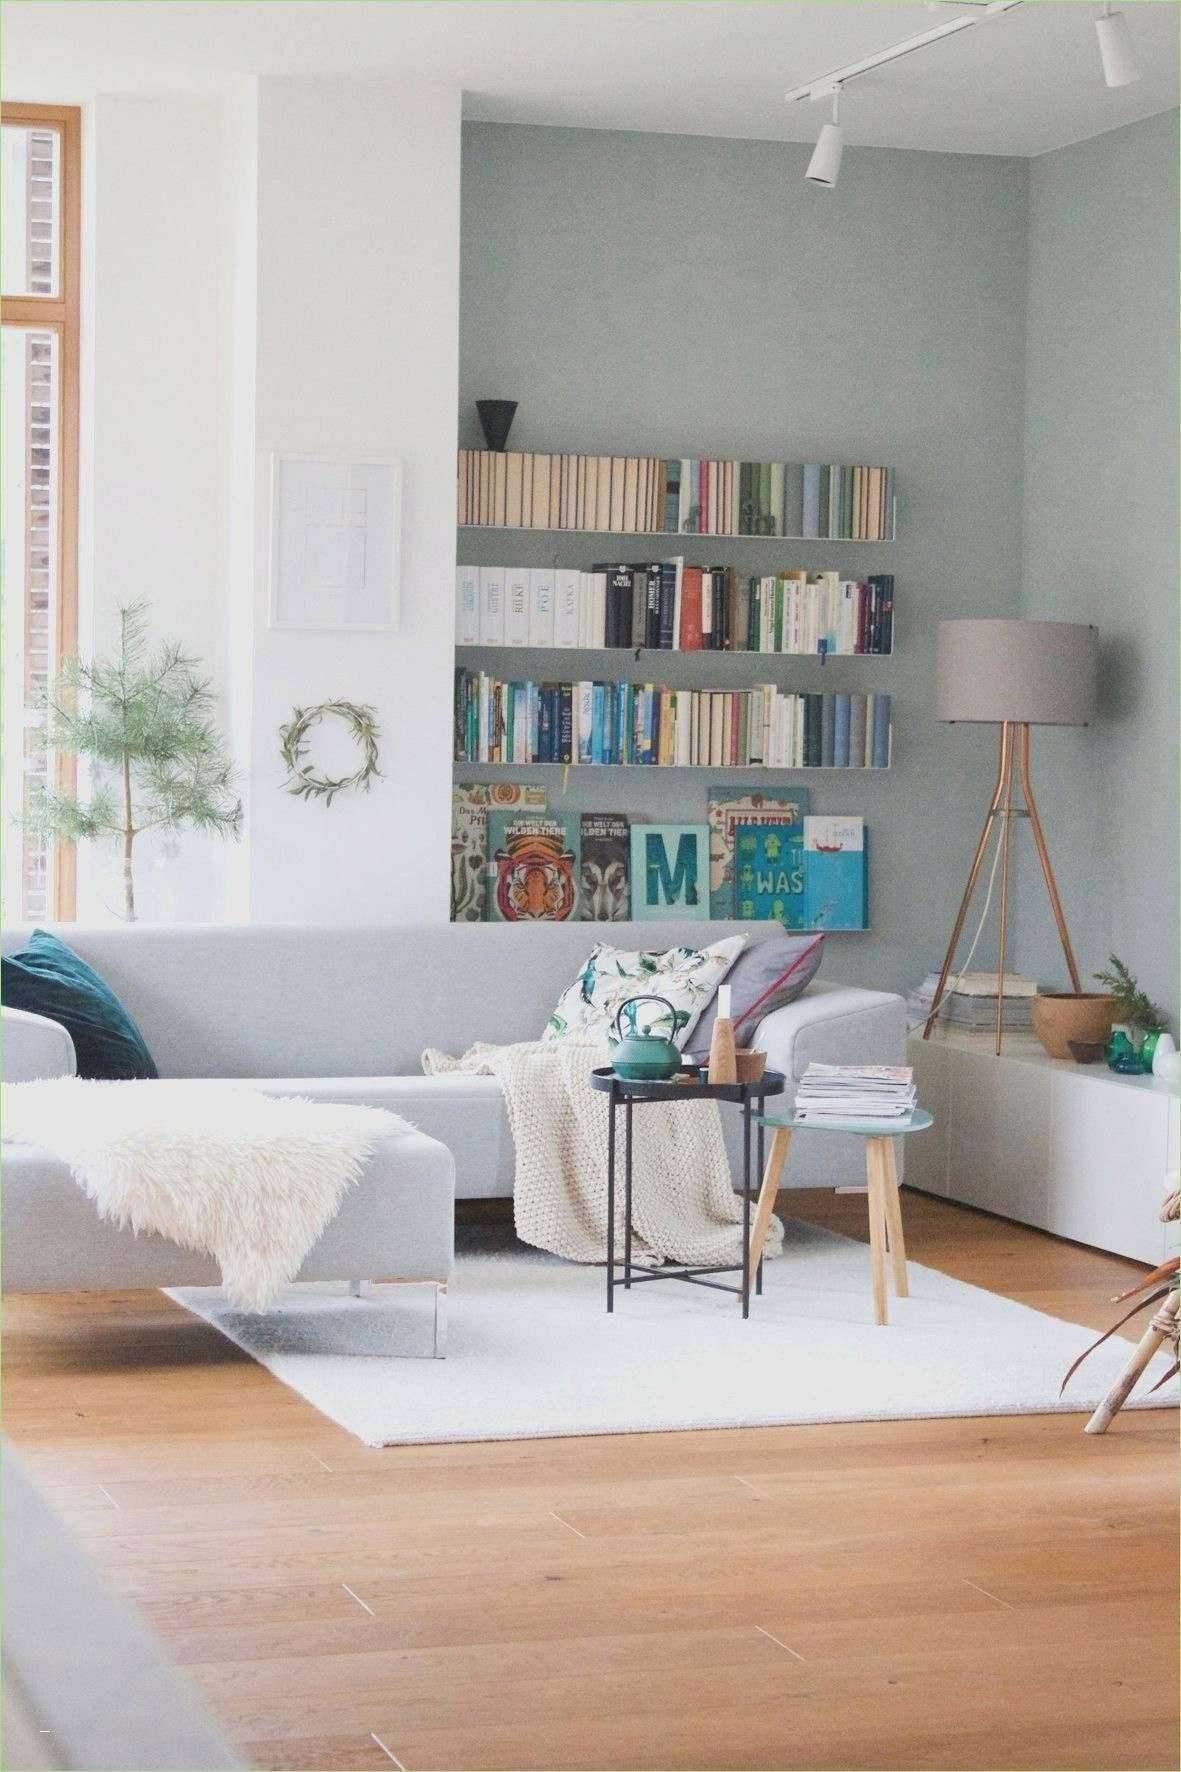 wohnzimmer dekoration frisch decken dekoration wohnzimmer frisch couch decke 0d archives of wohnzimmer dekoration